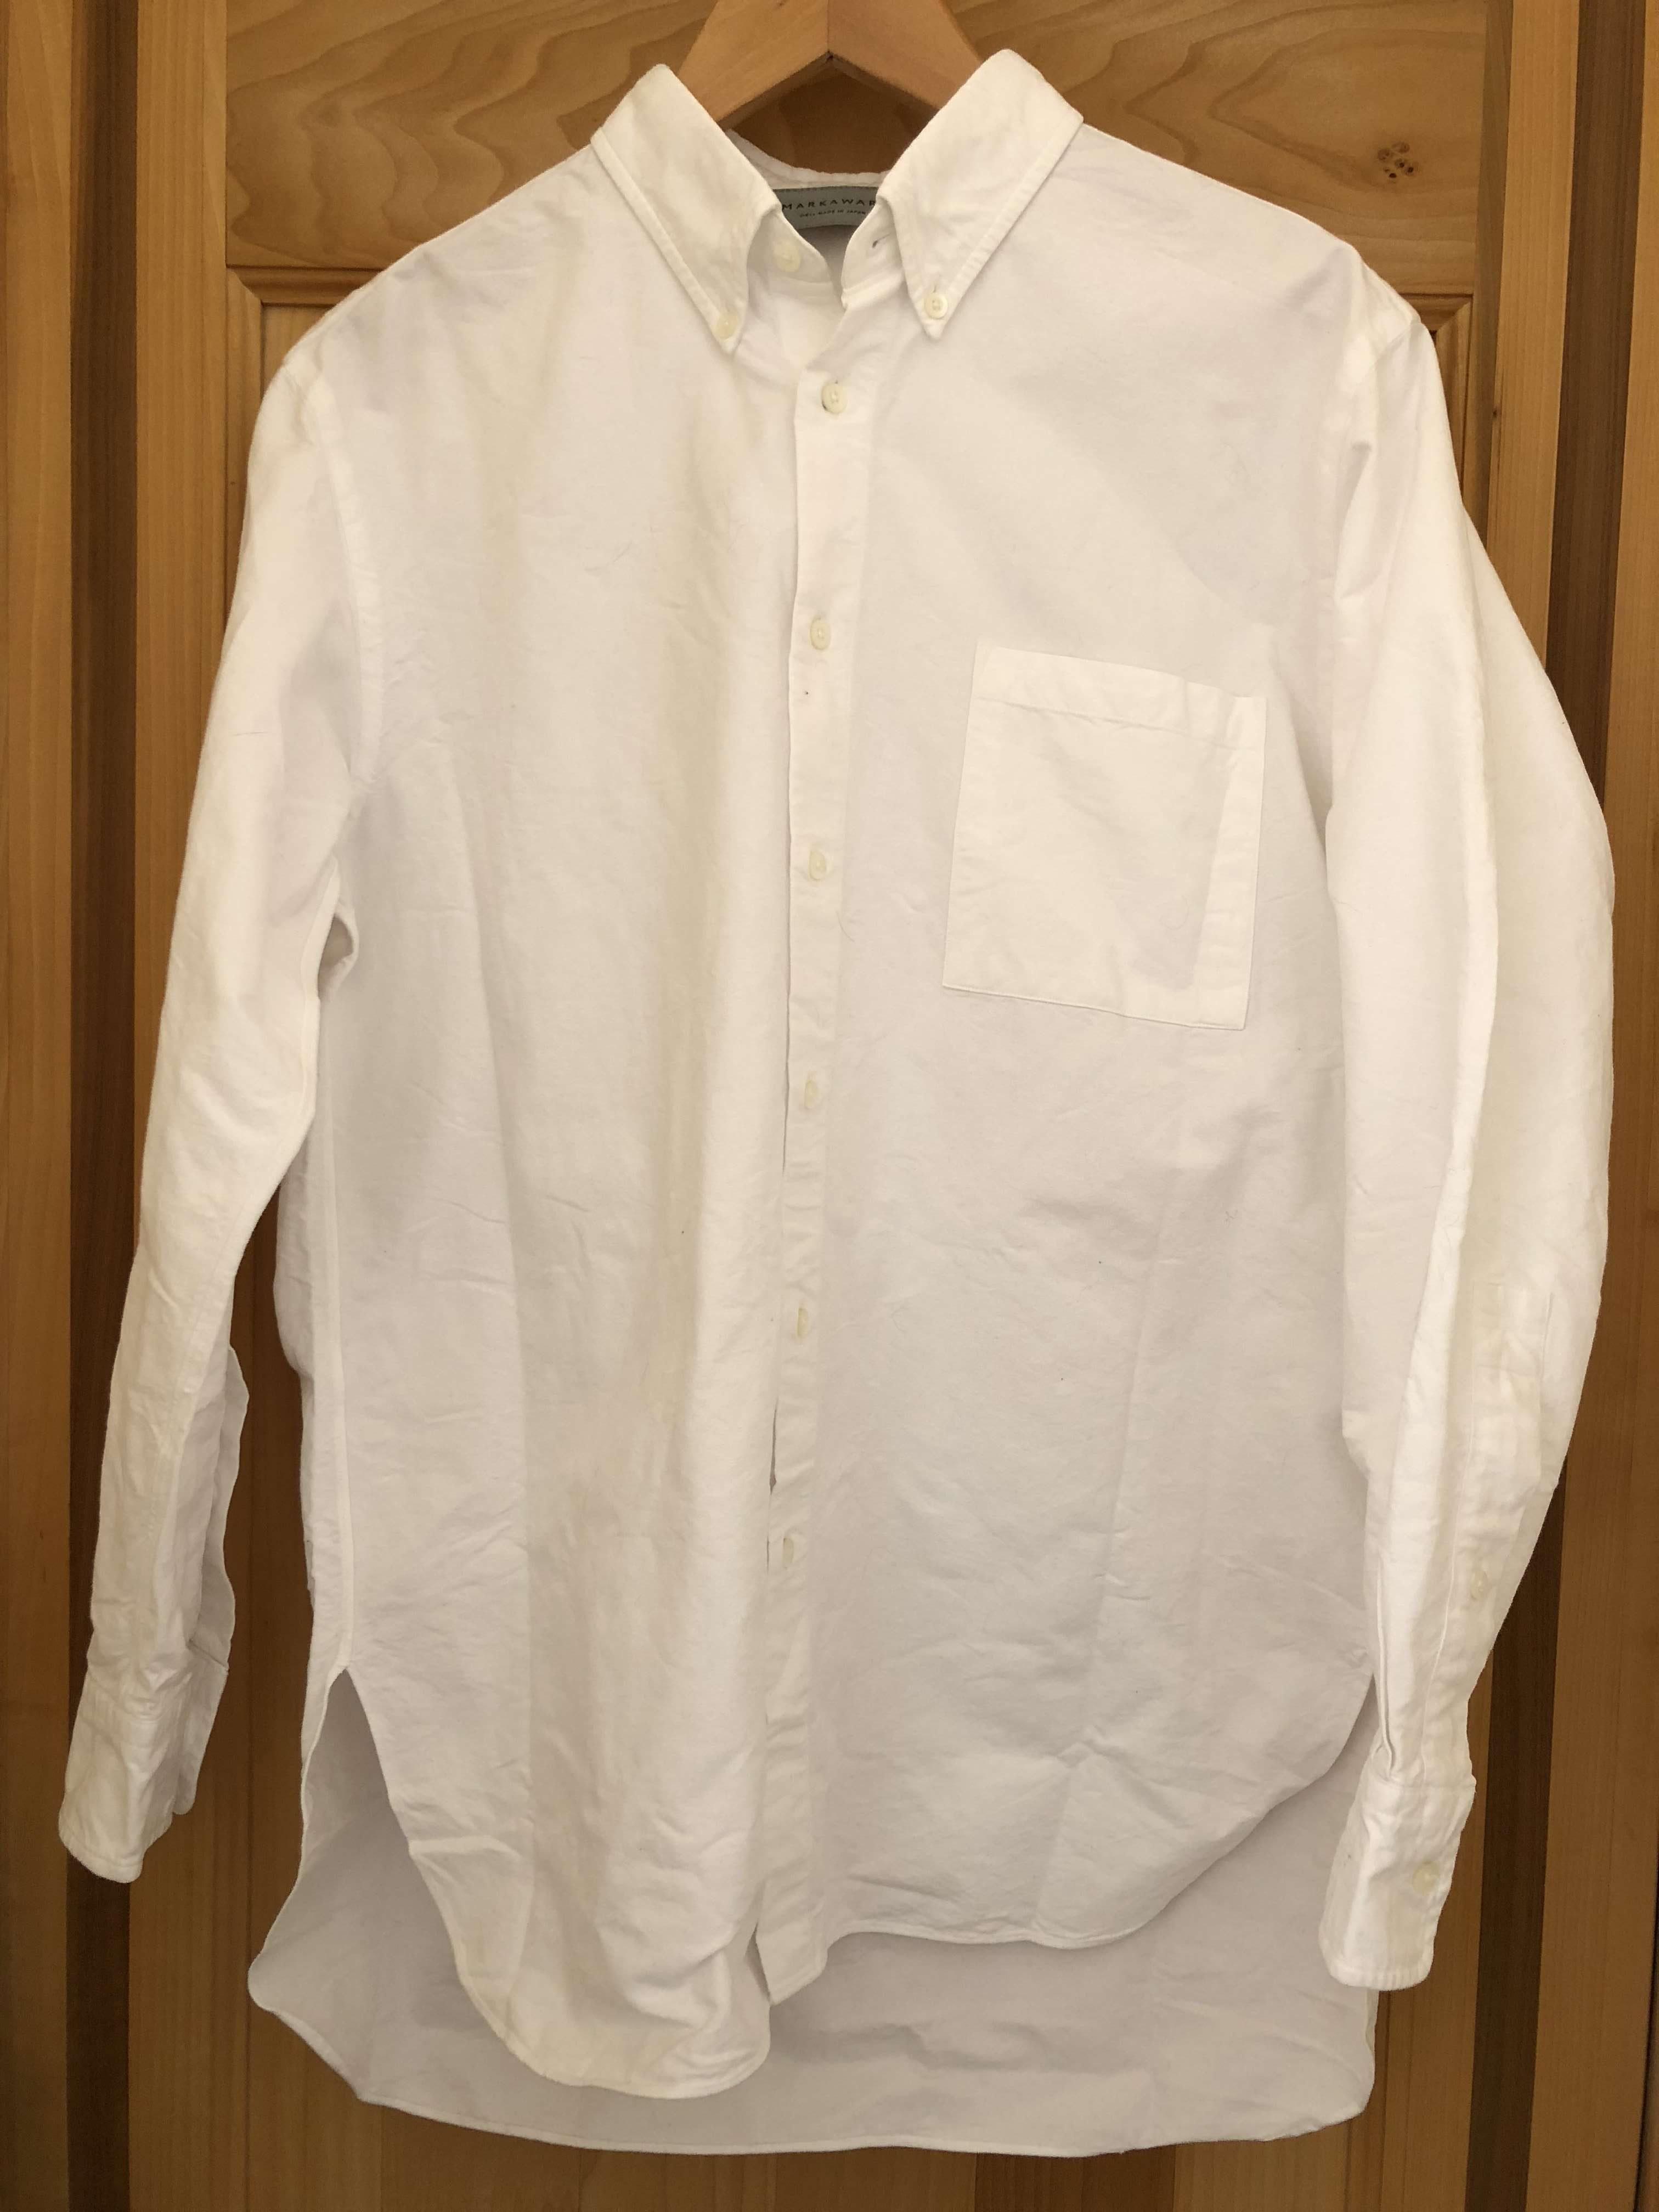 ネットdeきれい シャツ用 洗濯 シワ アイロンがけ